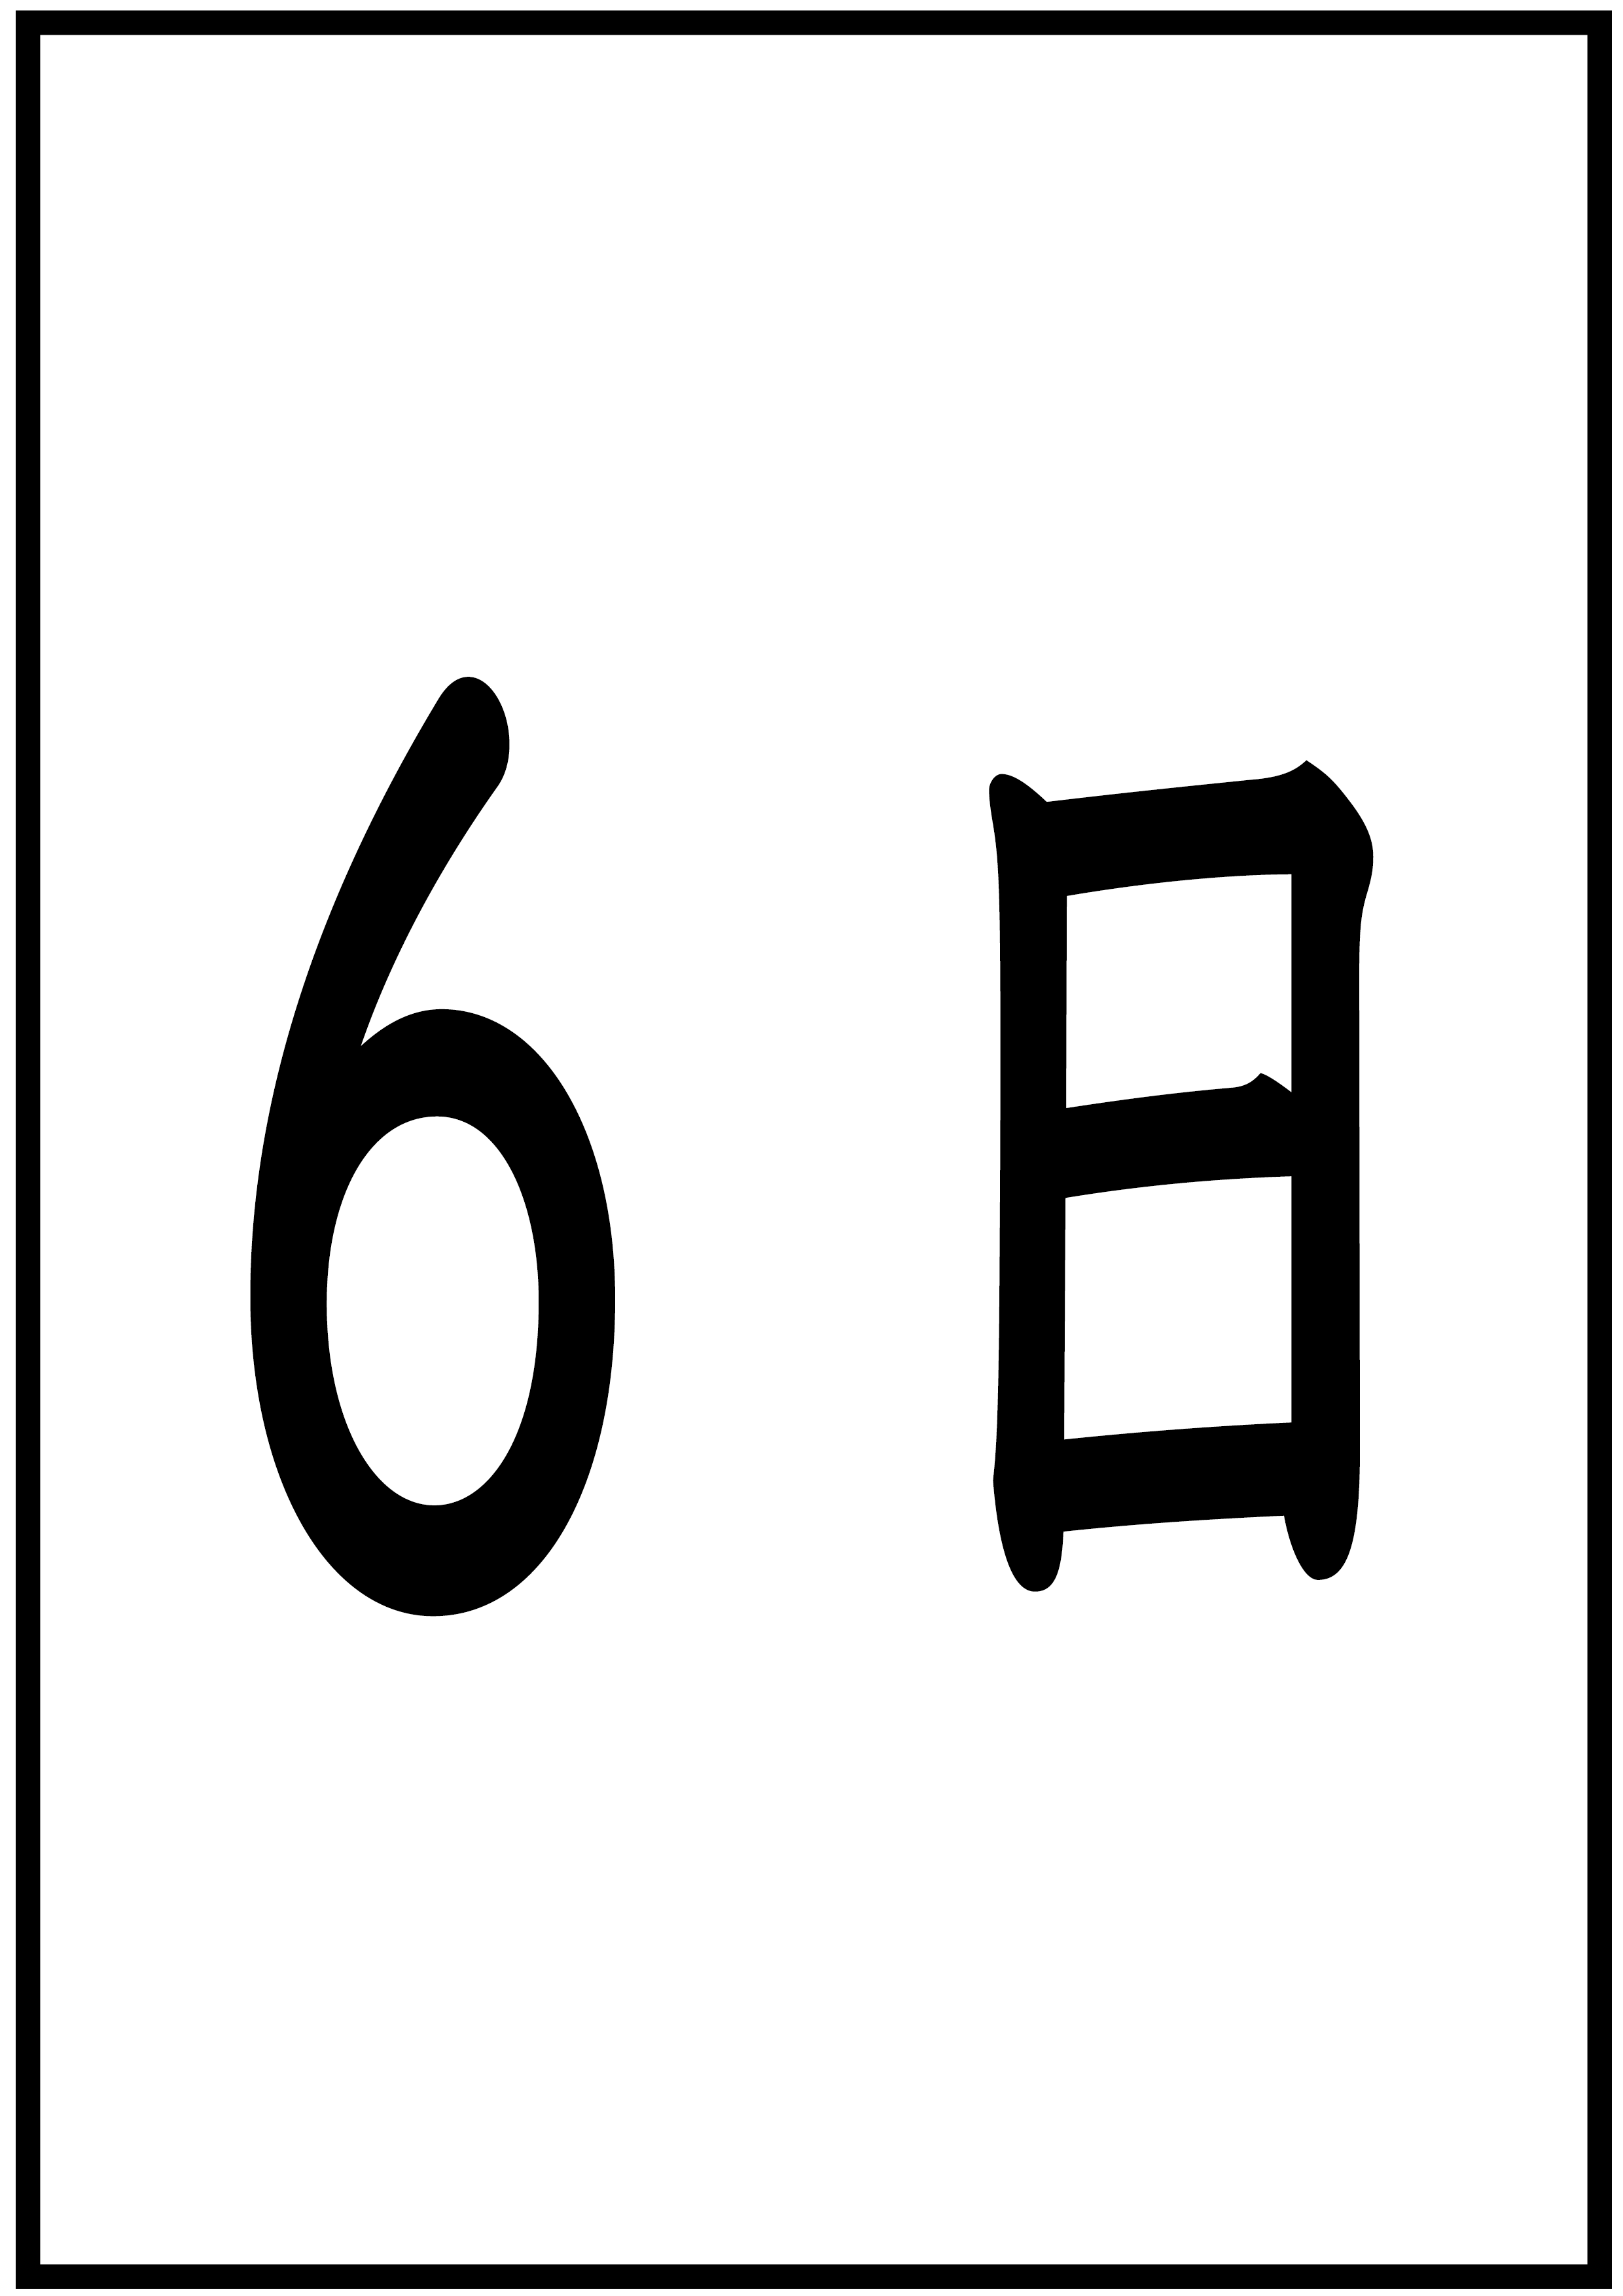 イラスト【六日】